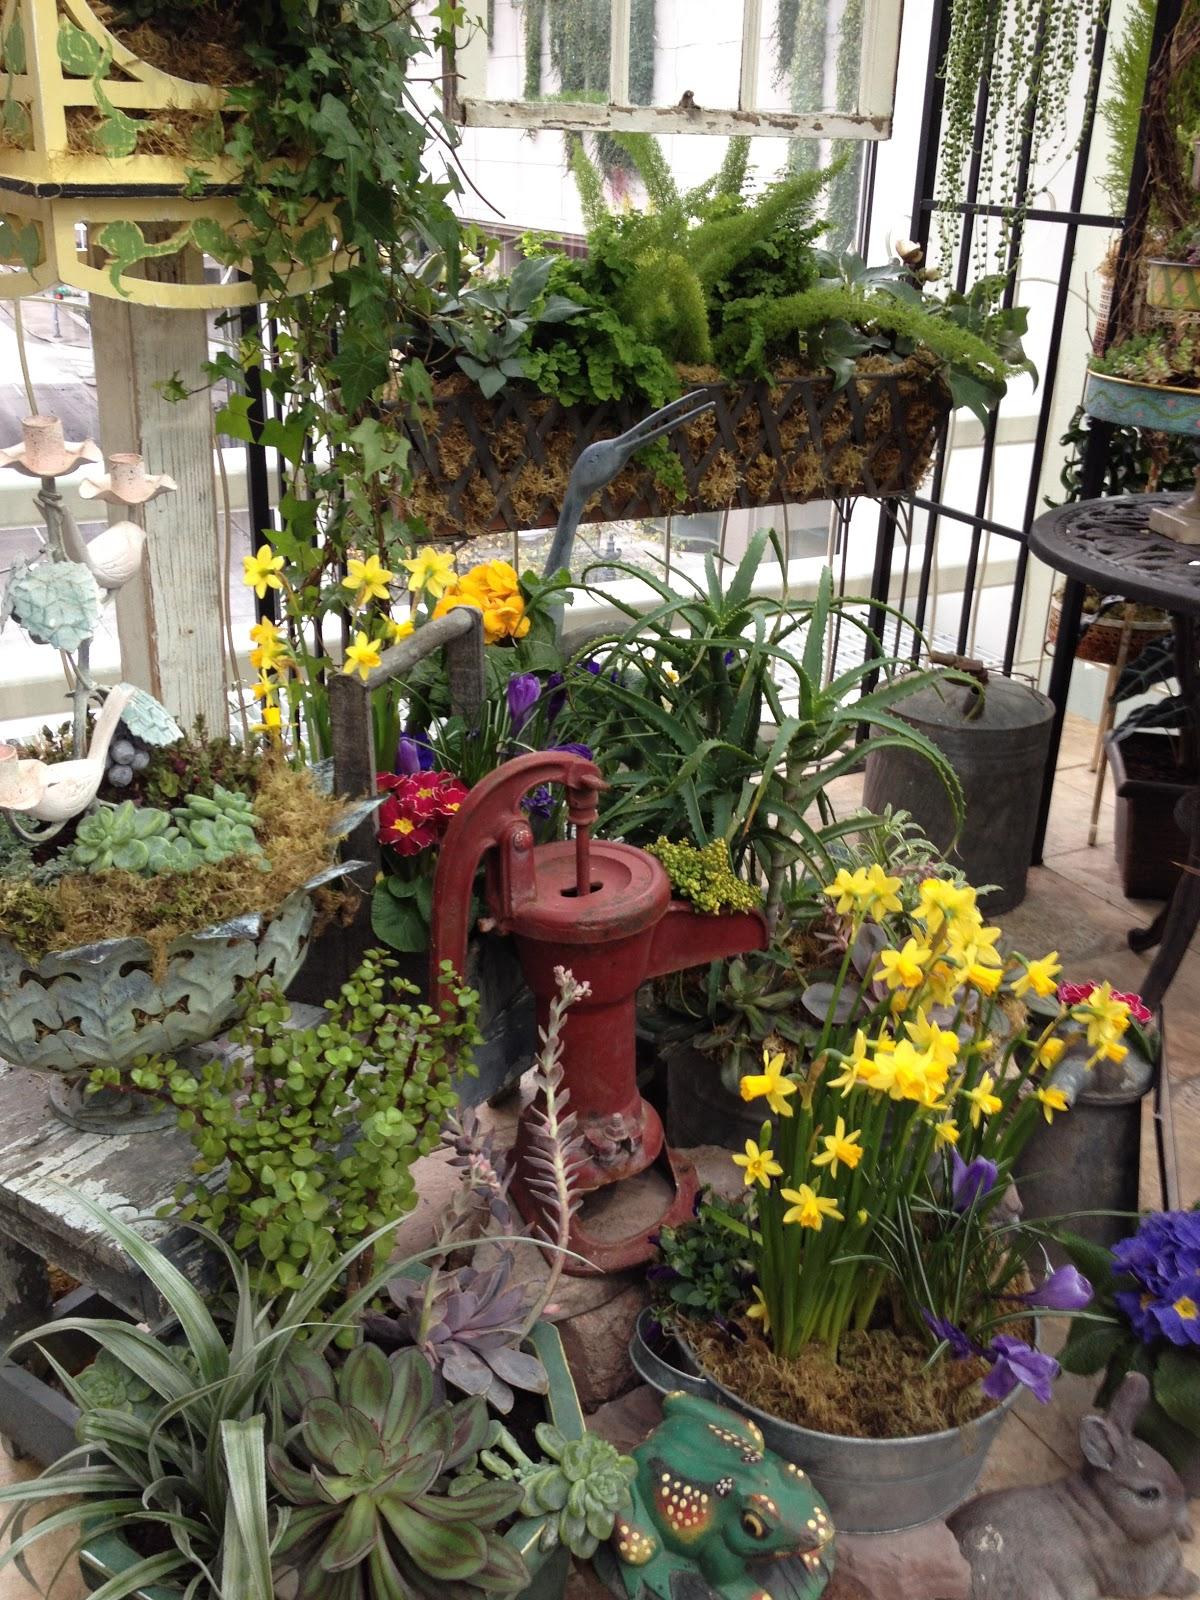 Growing steady the northwest flower garden show part 3 - Northwest flower and garden show ...